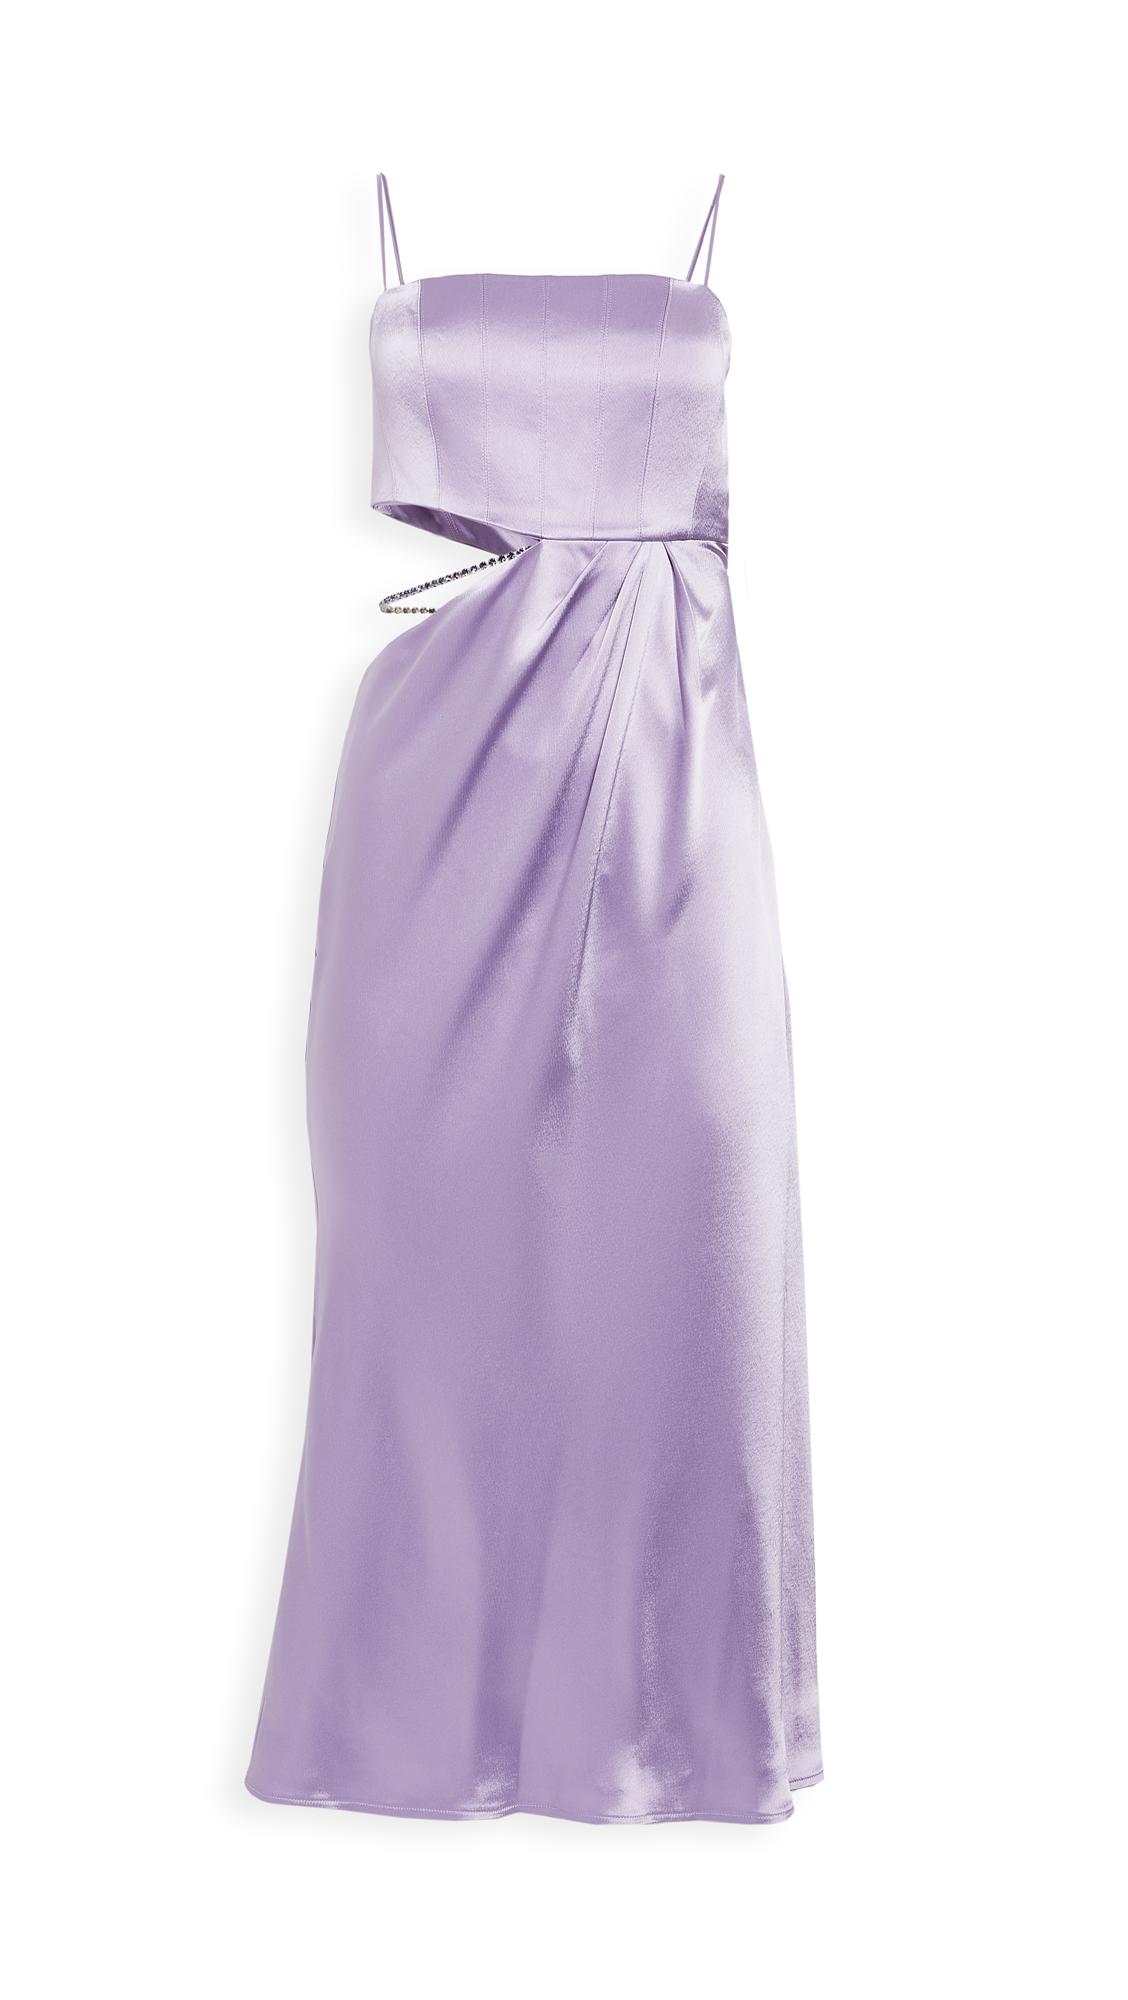 Nafsika Skourti Carla Dress Midi - 20% Off Sale